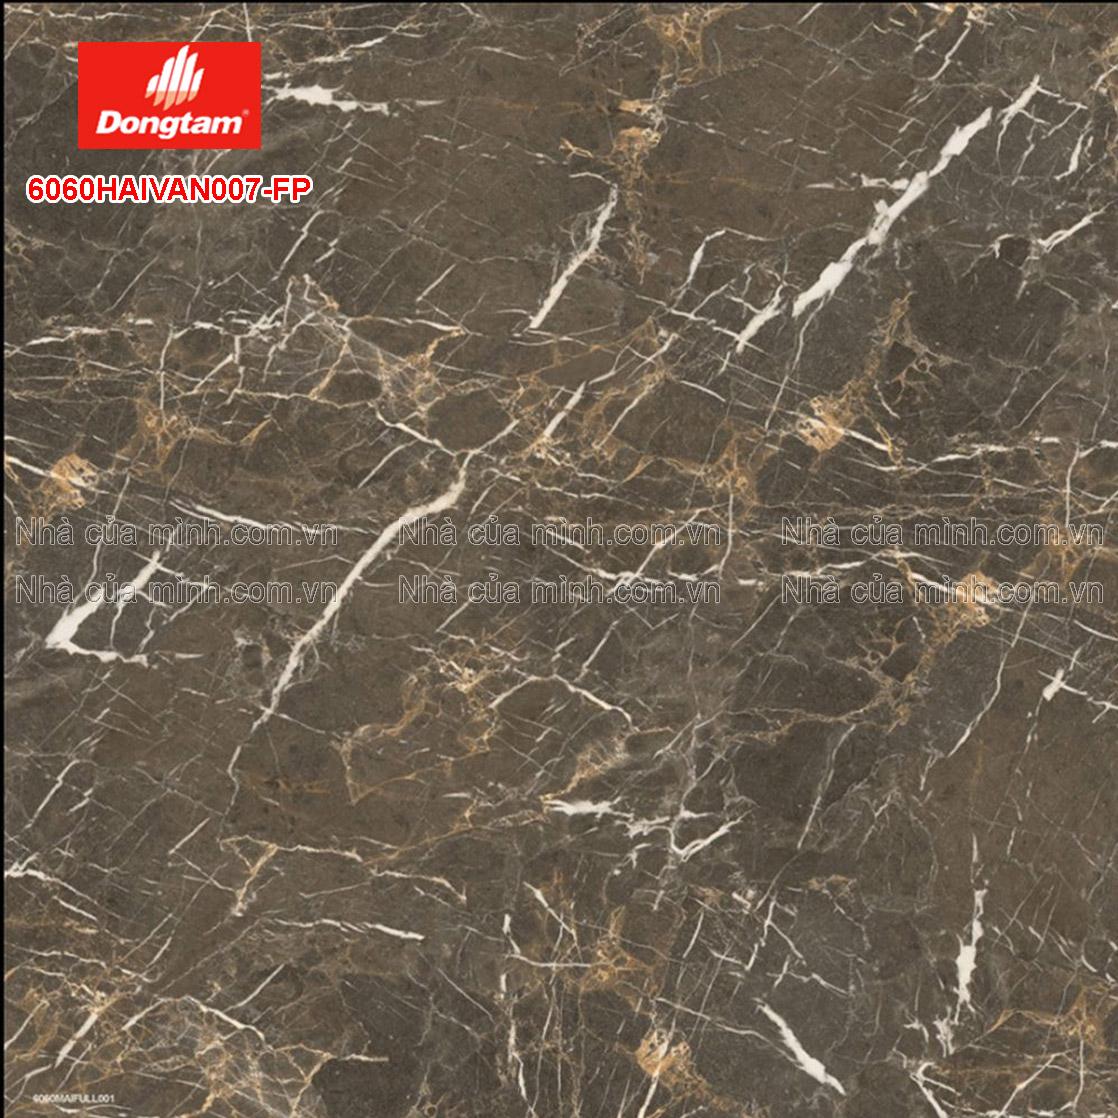 Gạch lát nền Đồng Tâm Hải Vân 6060HAIVAN007-FP giá rẻ